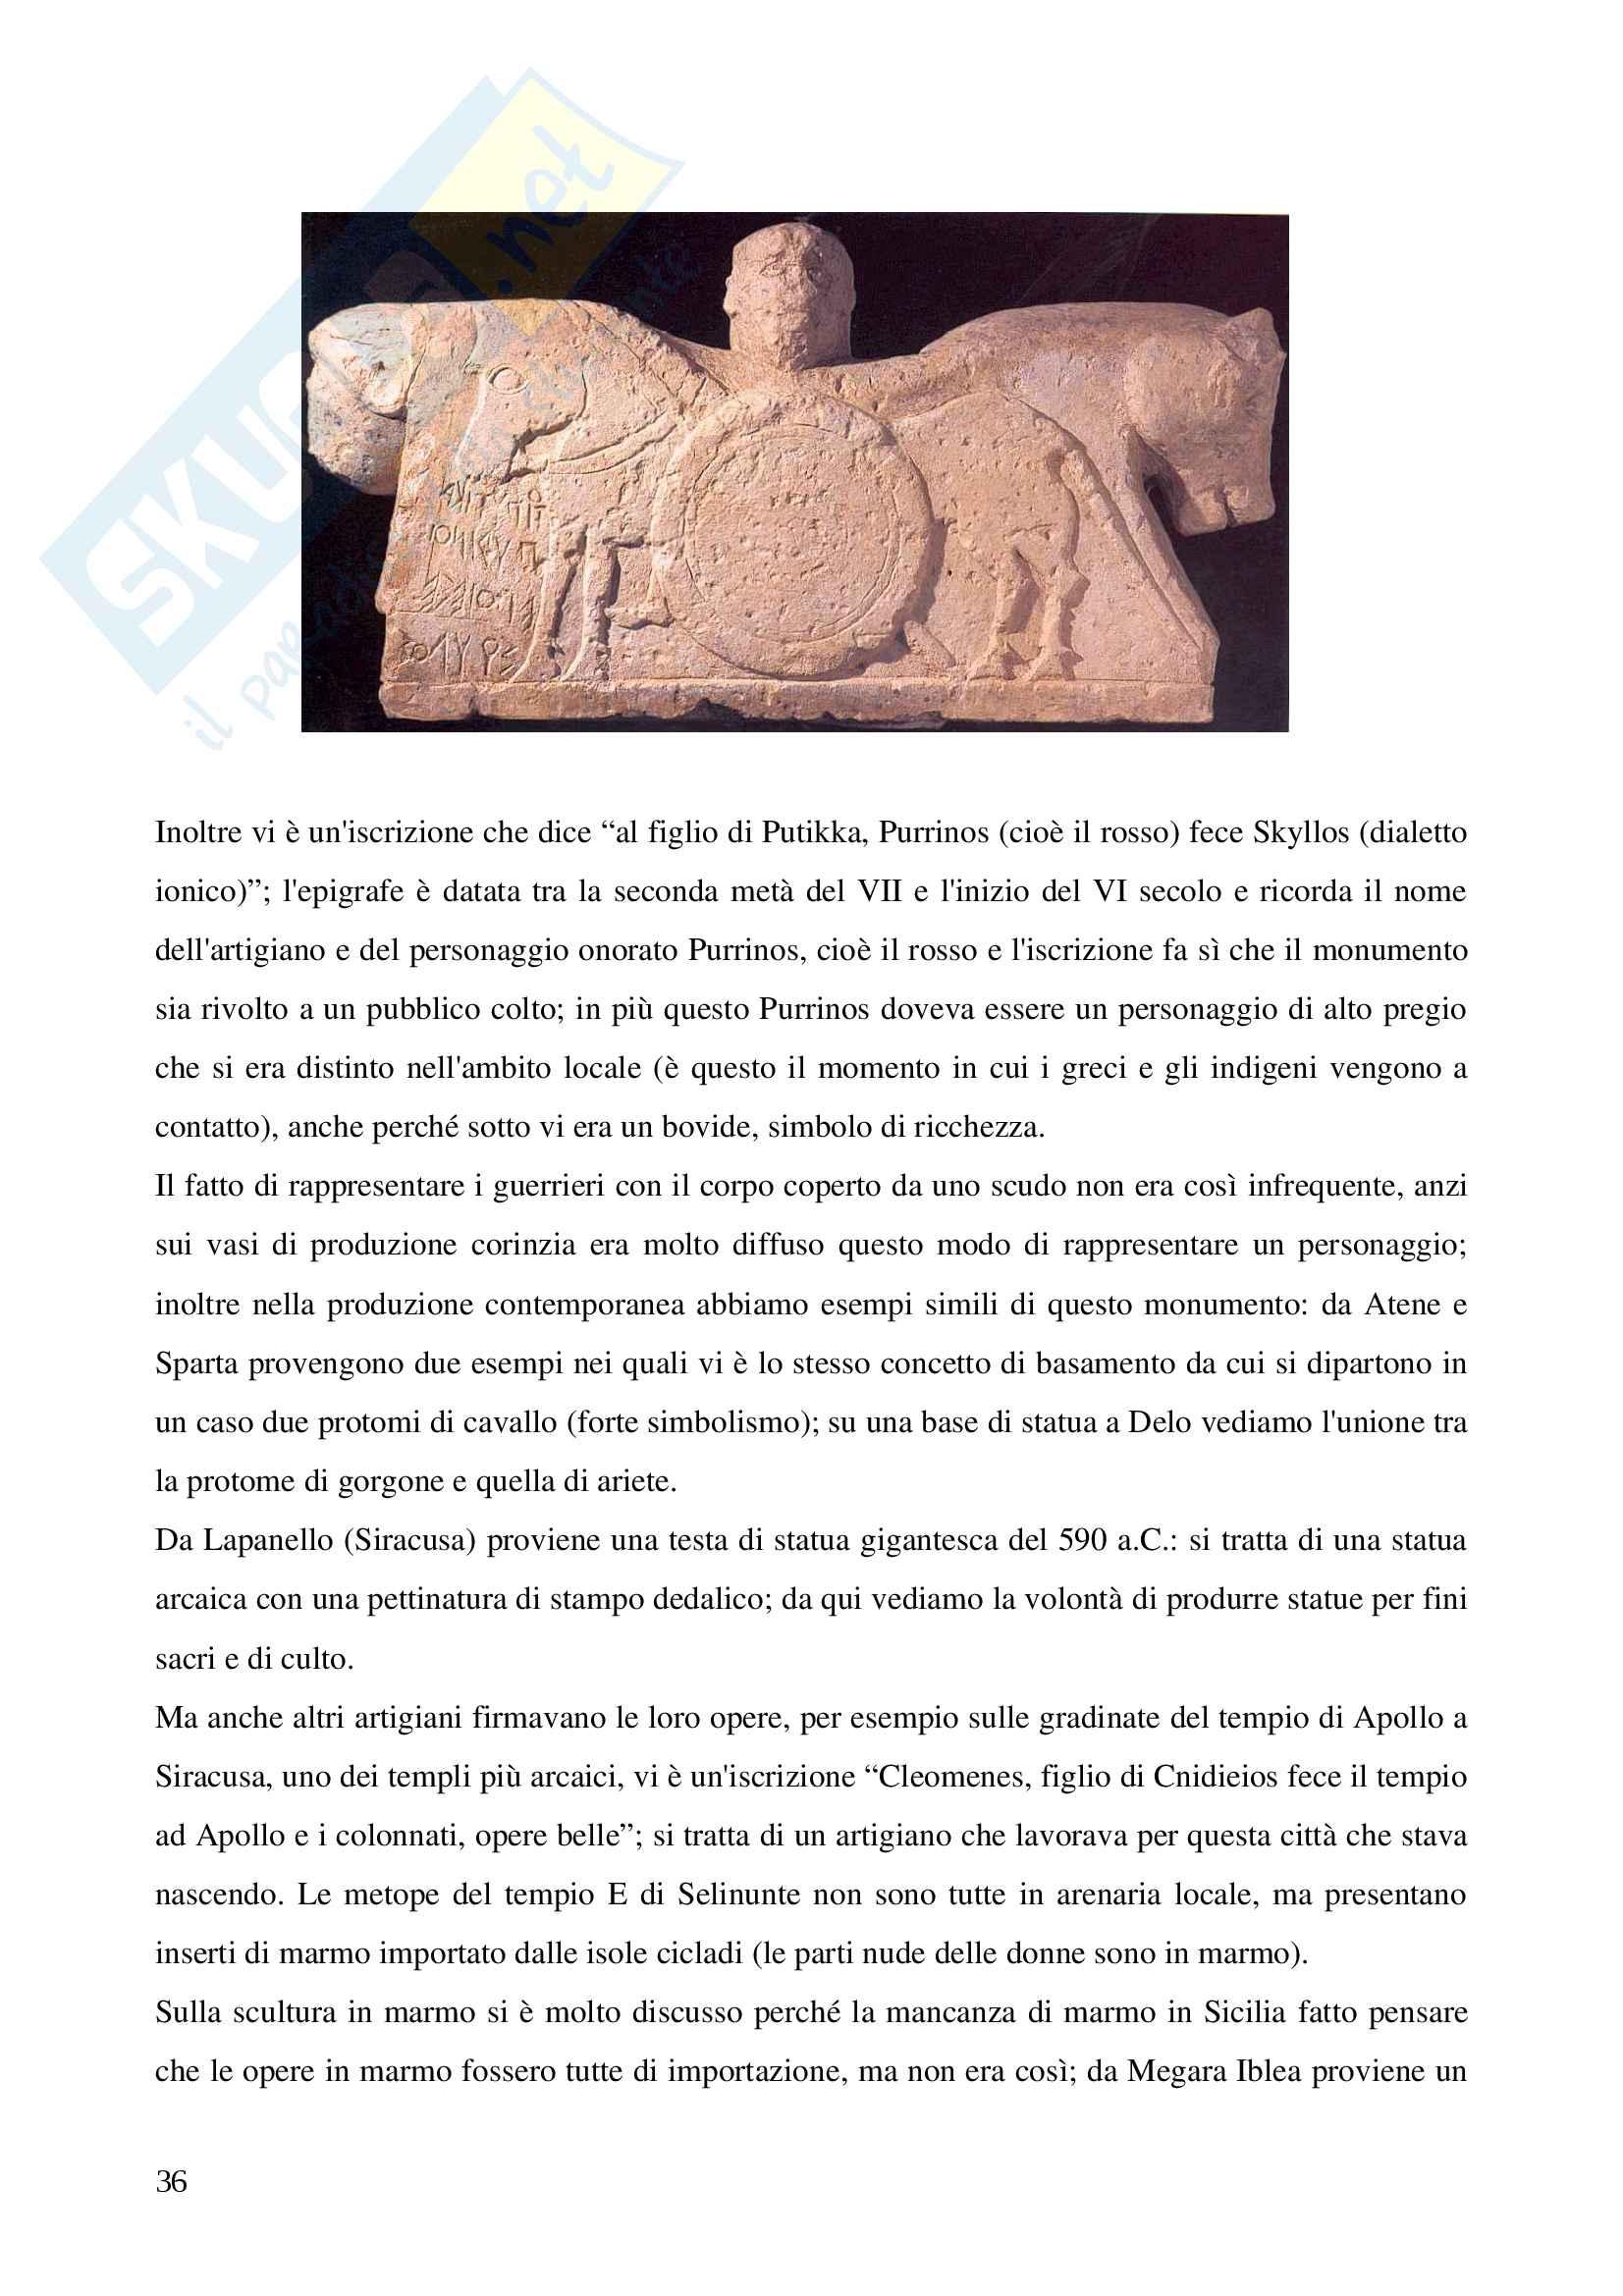 Appunti corso Magna Grecia e Sicilia con immagini Pag. 36